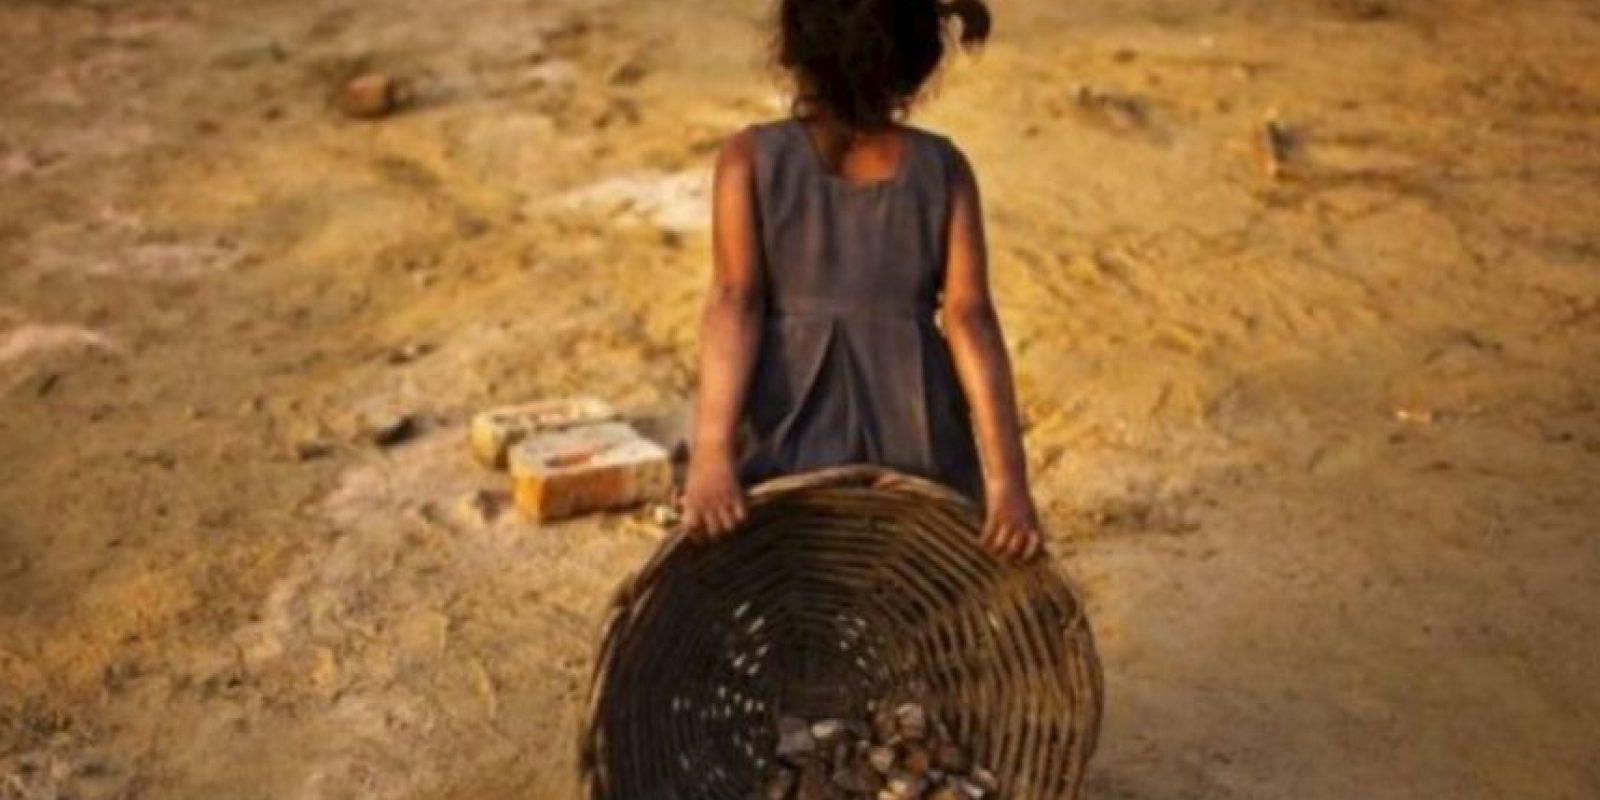 La OMS mostró los factores y las consecuencias de este fenómeno mundial: entre las consecuencias del maltrato infantil se encuentran problemas de salud física y mental para toda la vida. Foto:Getty Images